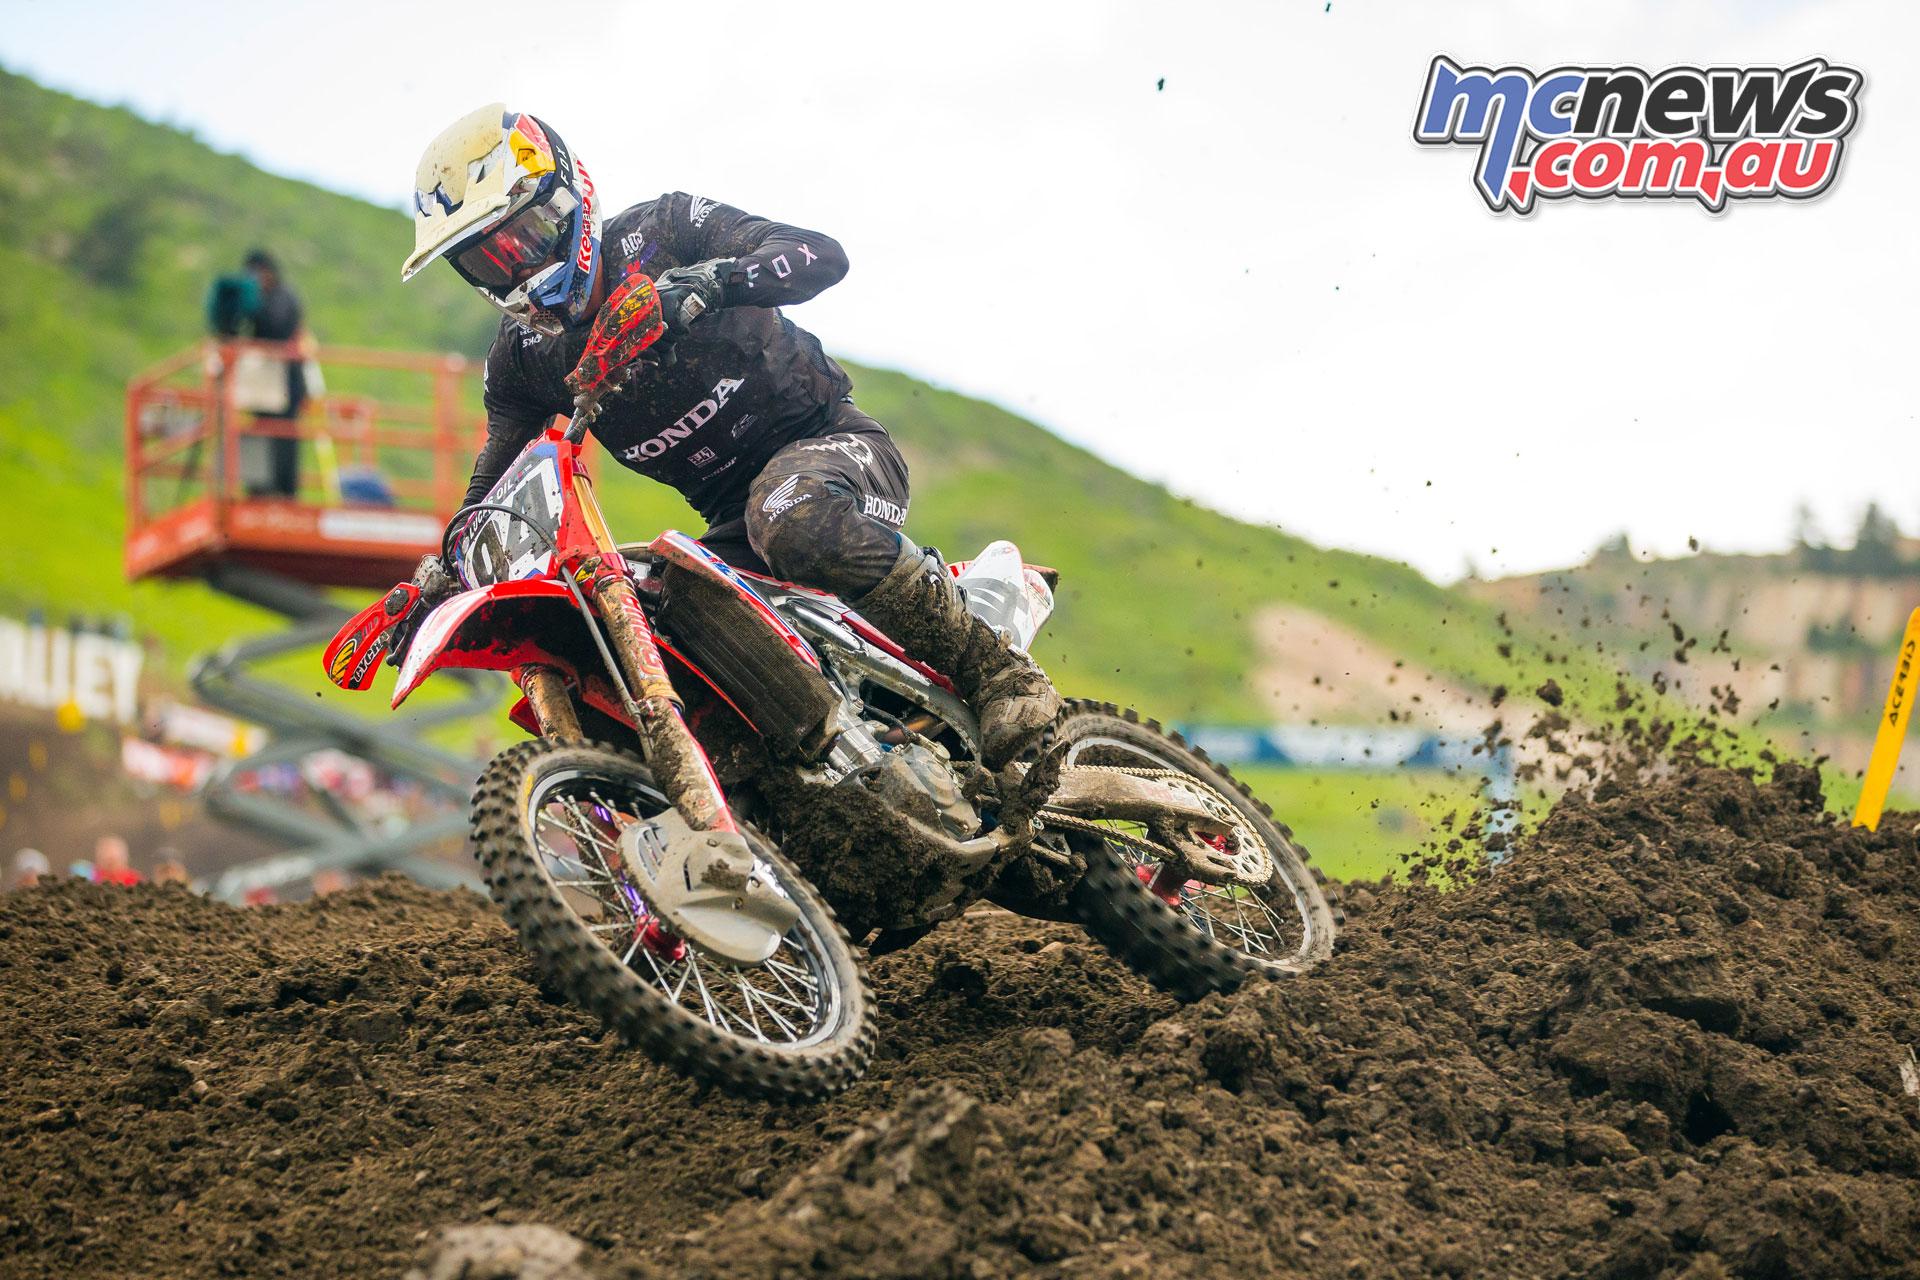 AMA MX Rnd Thunder Valley Roczen JK MX Lakewood